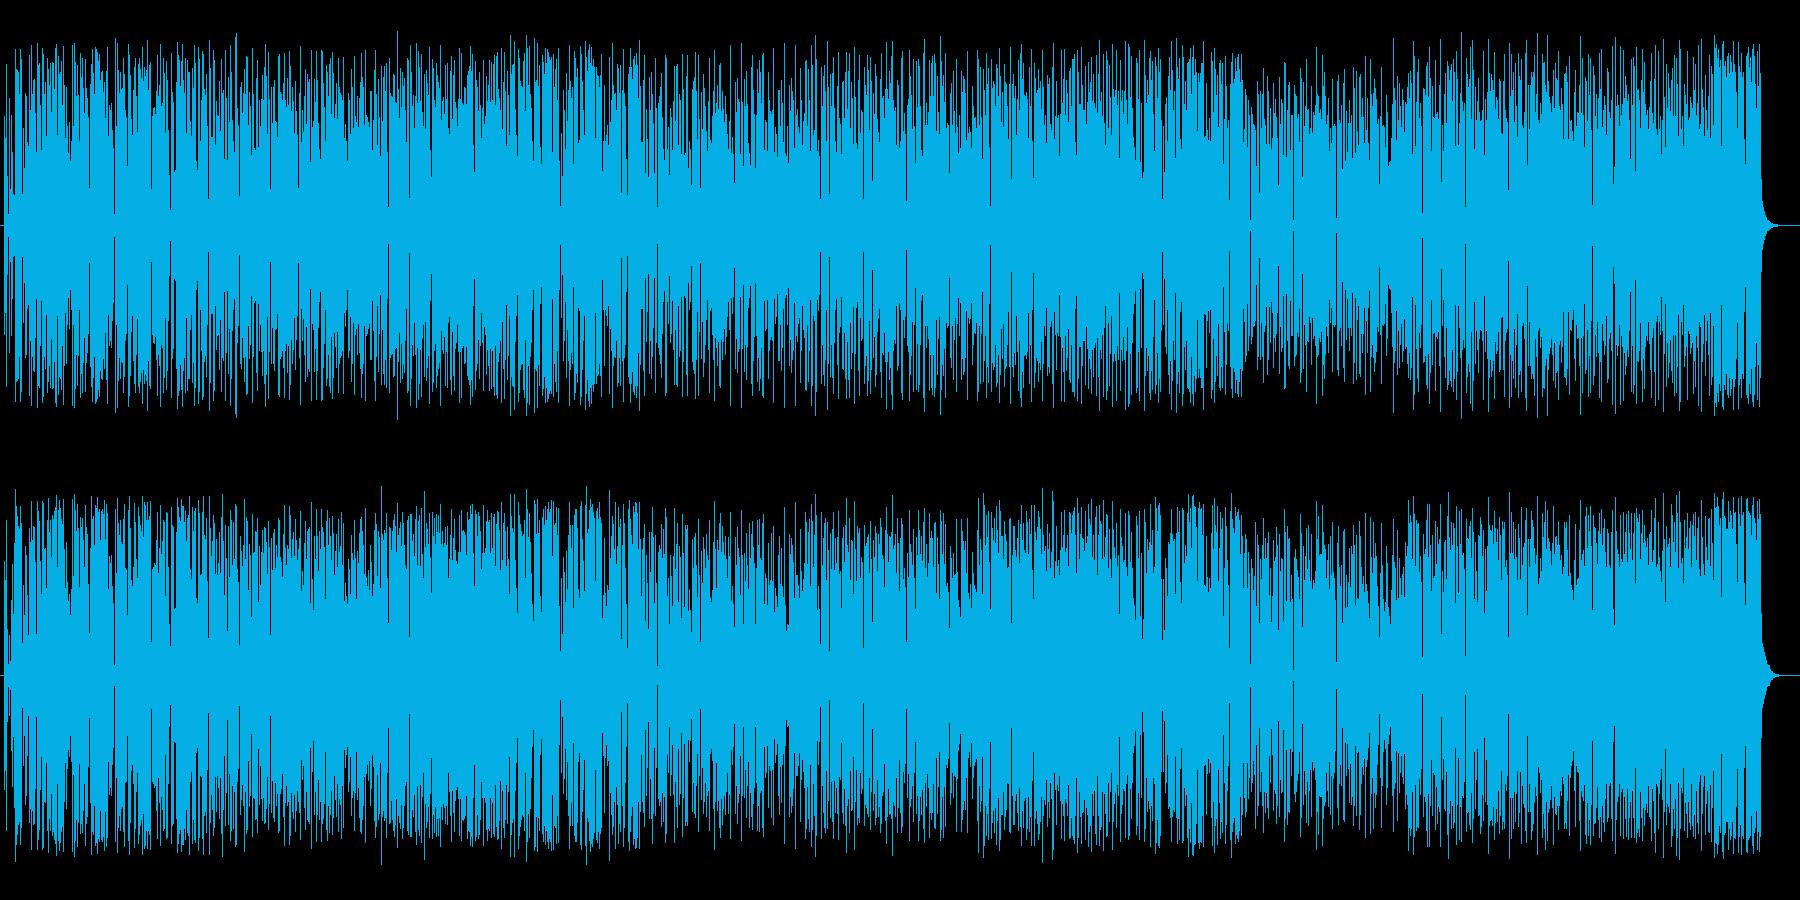 アップテンポで夕日が浮かぶミュージックの再生済みの波形